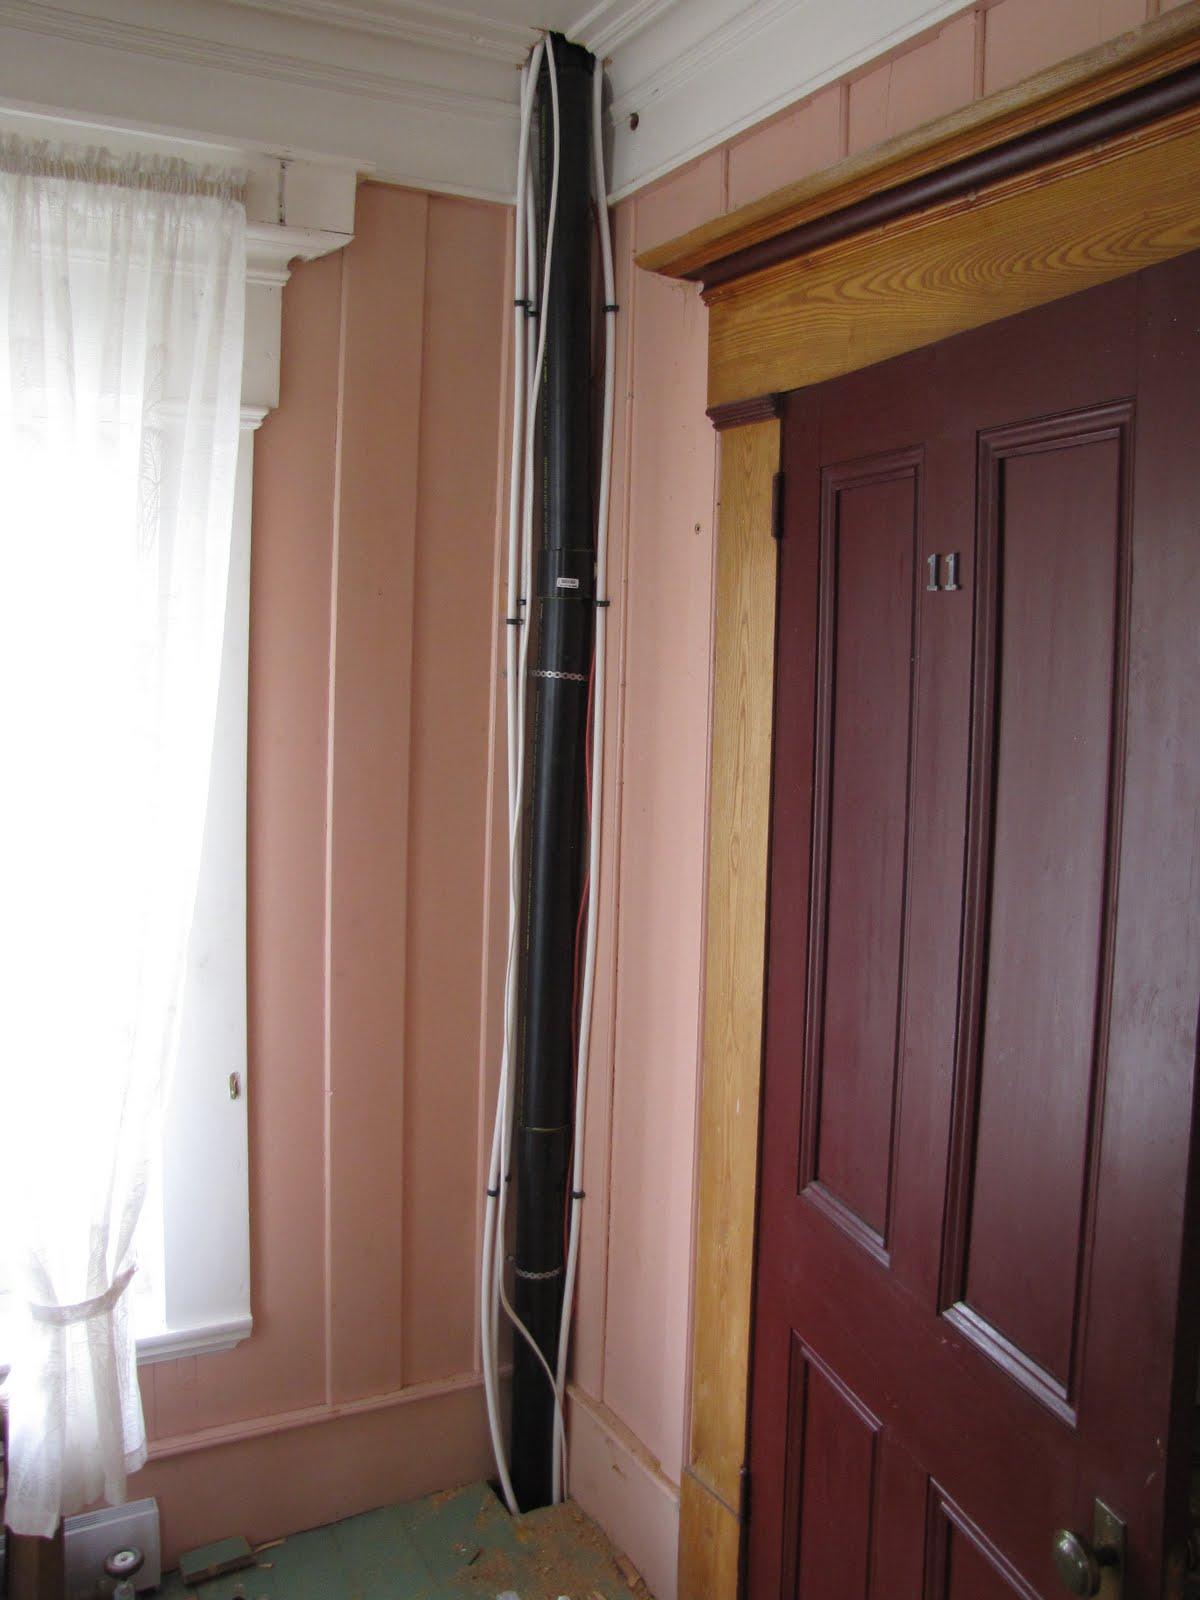 maison francoeur vers une salle de bain. Black Bedroom Furniture Sets. Home Design Ideas